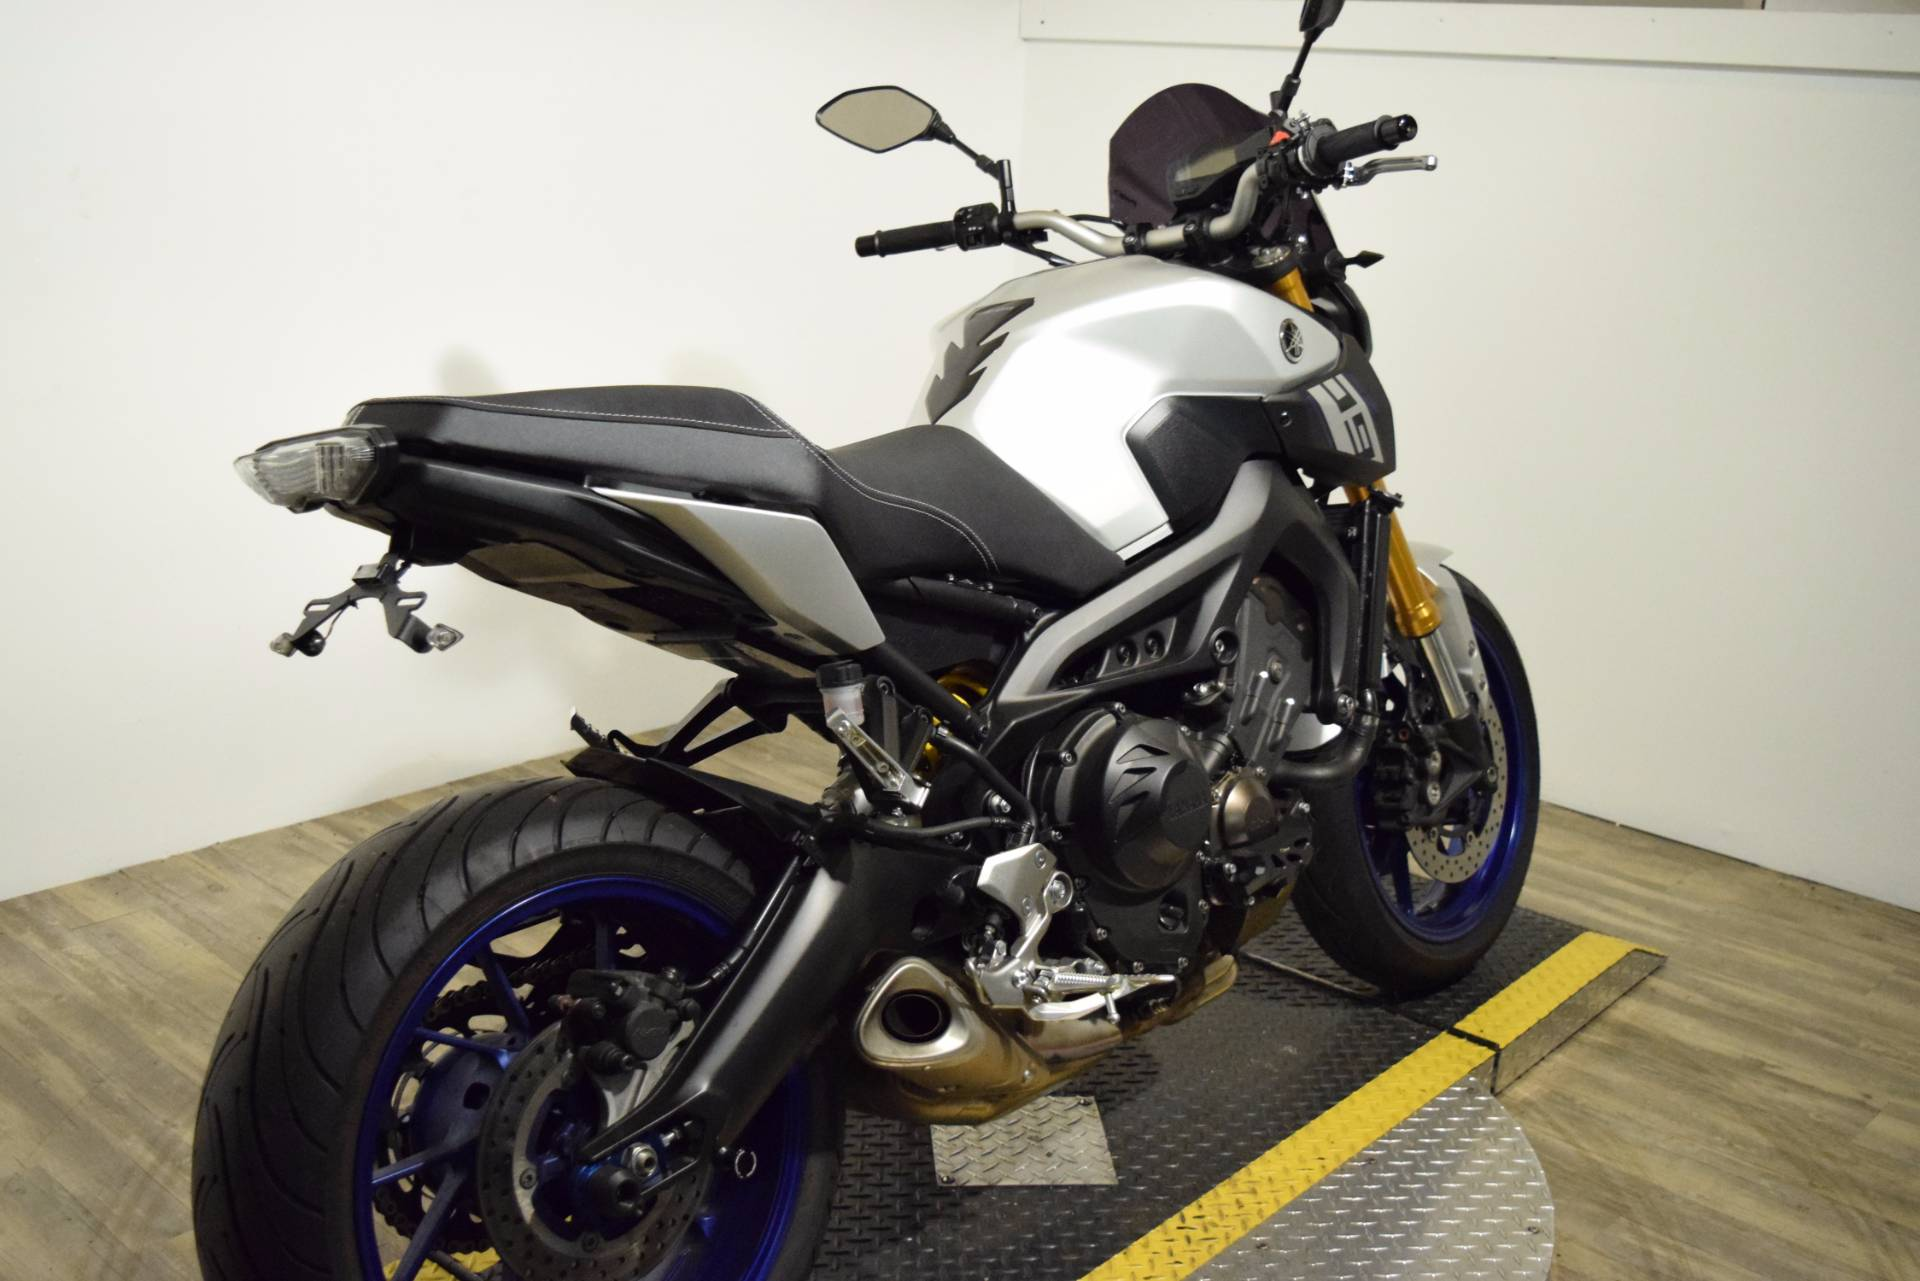 2015 Yamaha FZ-09 10